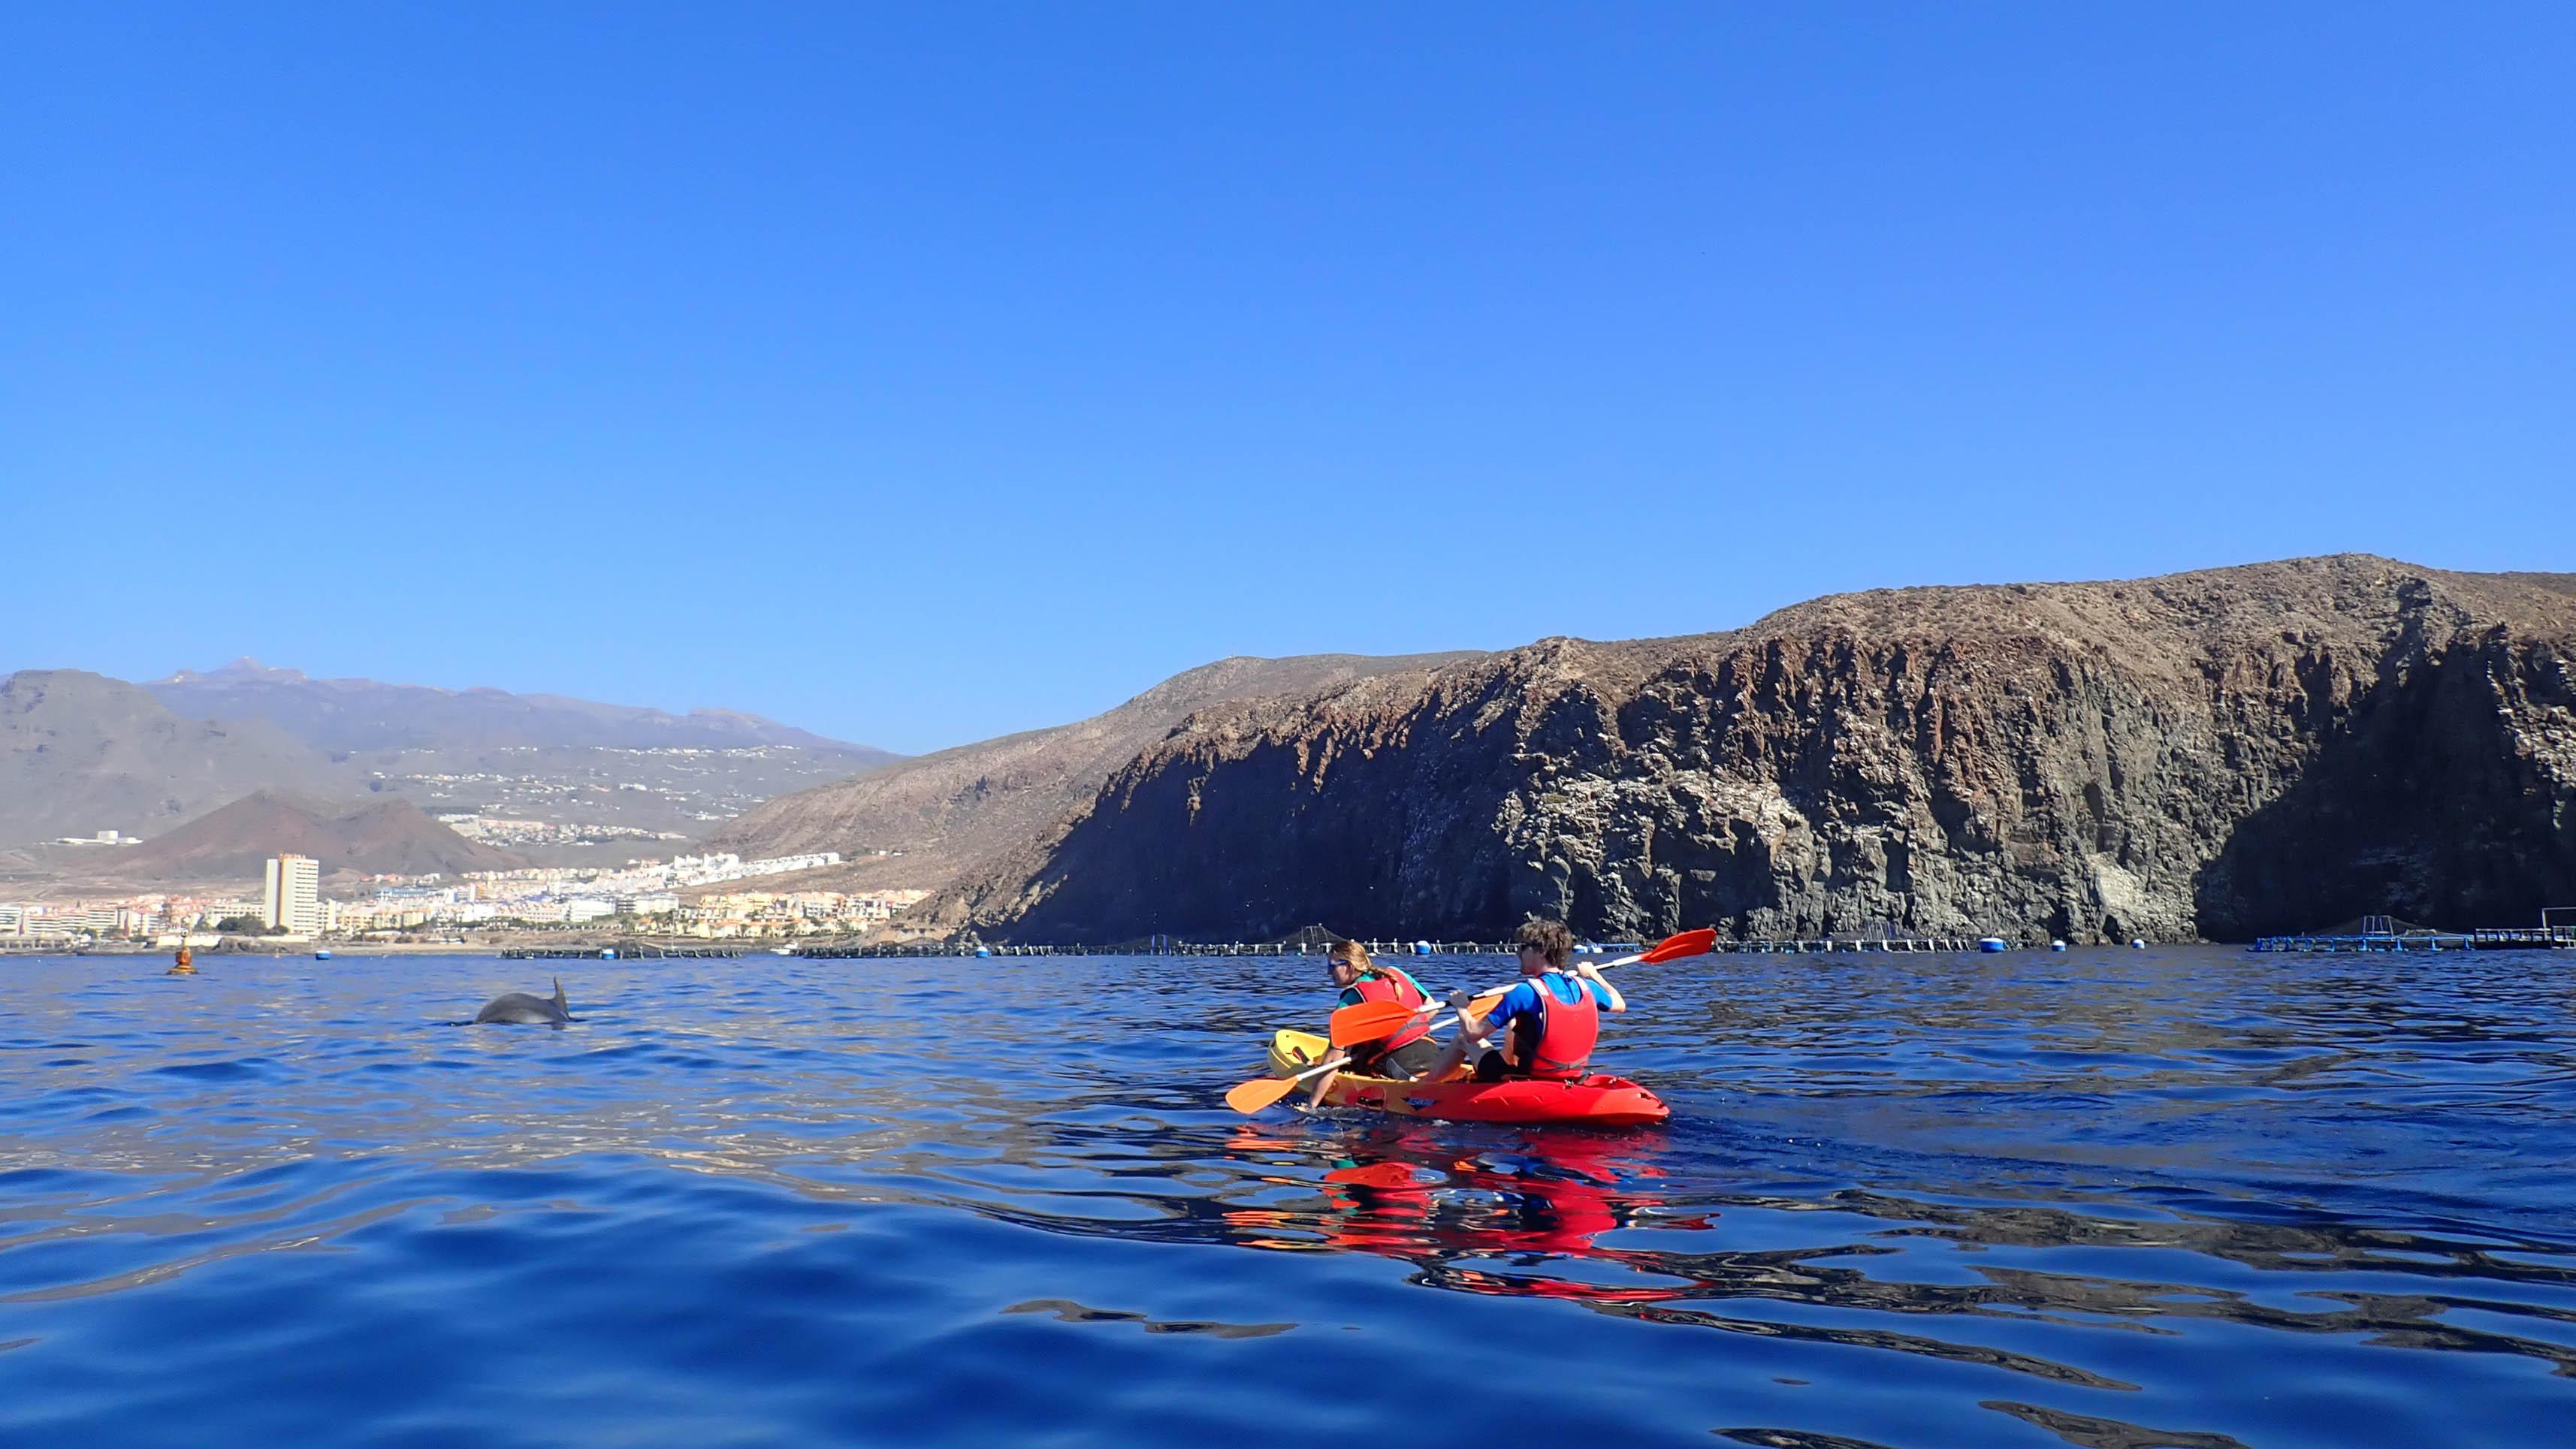 Kajakken met dolfijnen op Tenerife op de oceaan